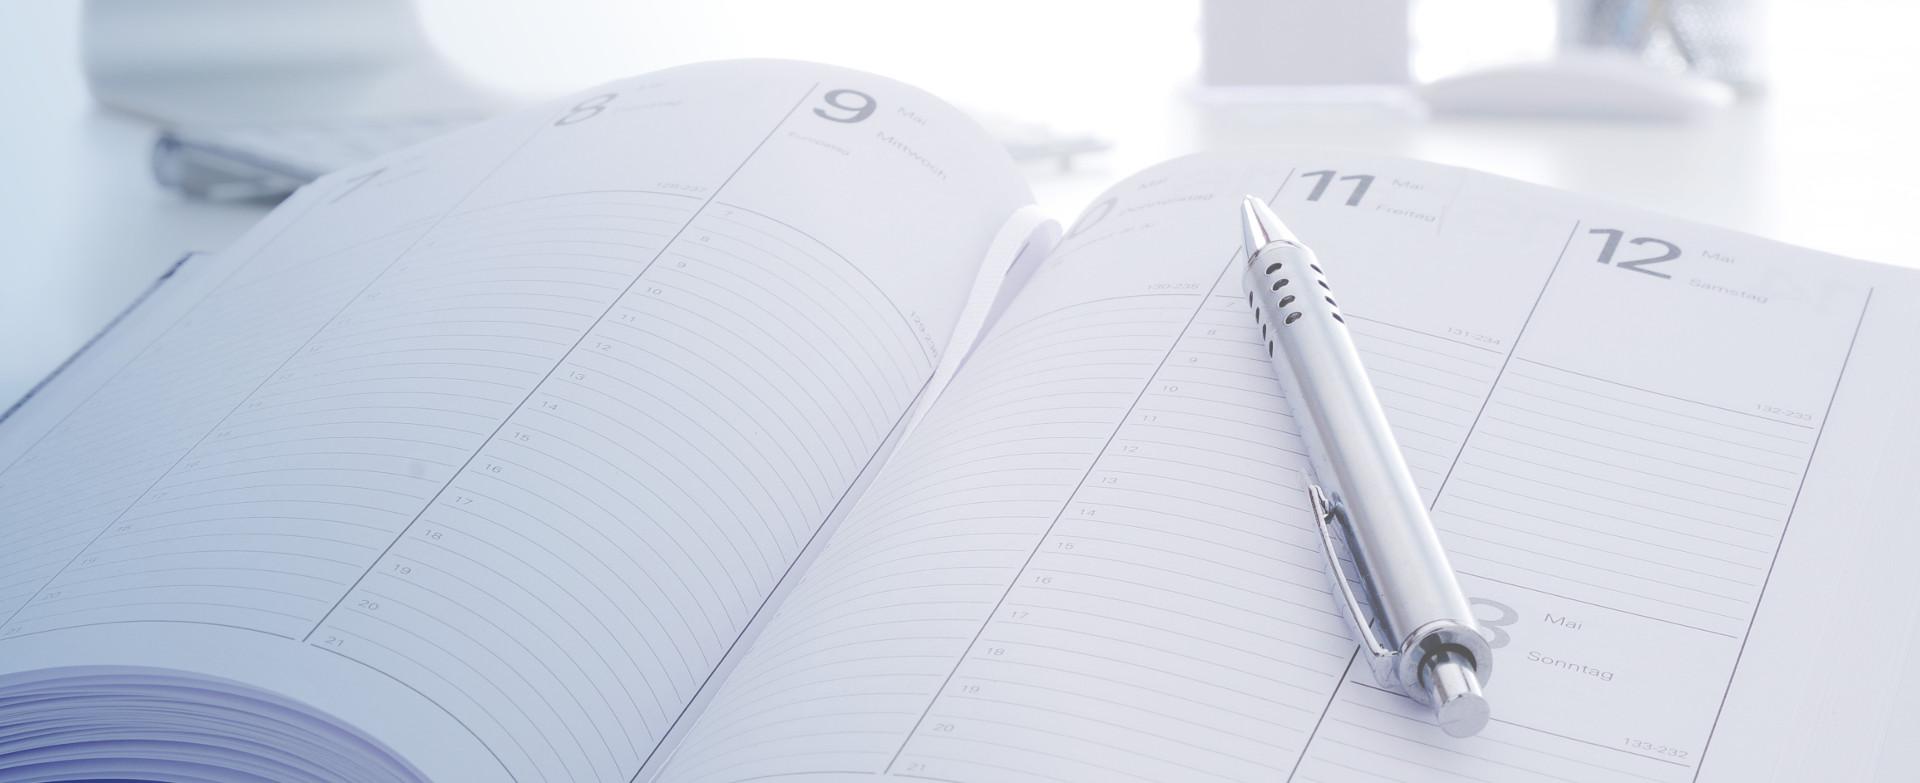 Visualisierung Kalender für Blog-Artikel